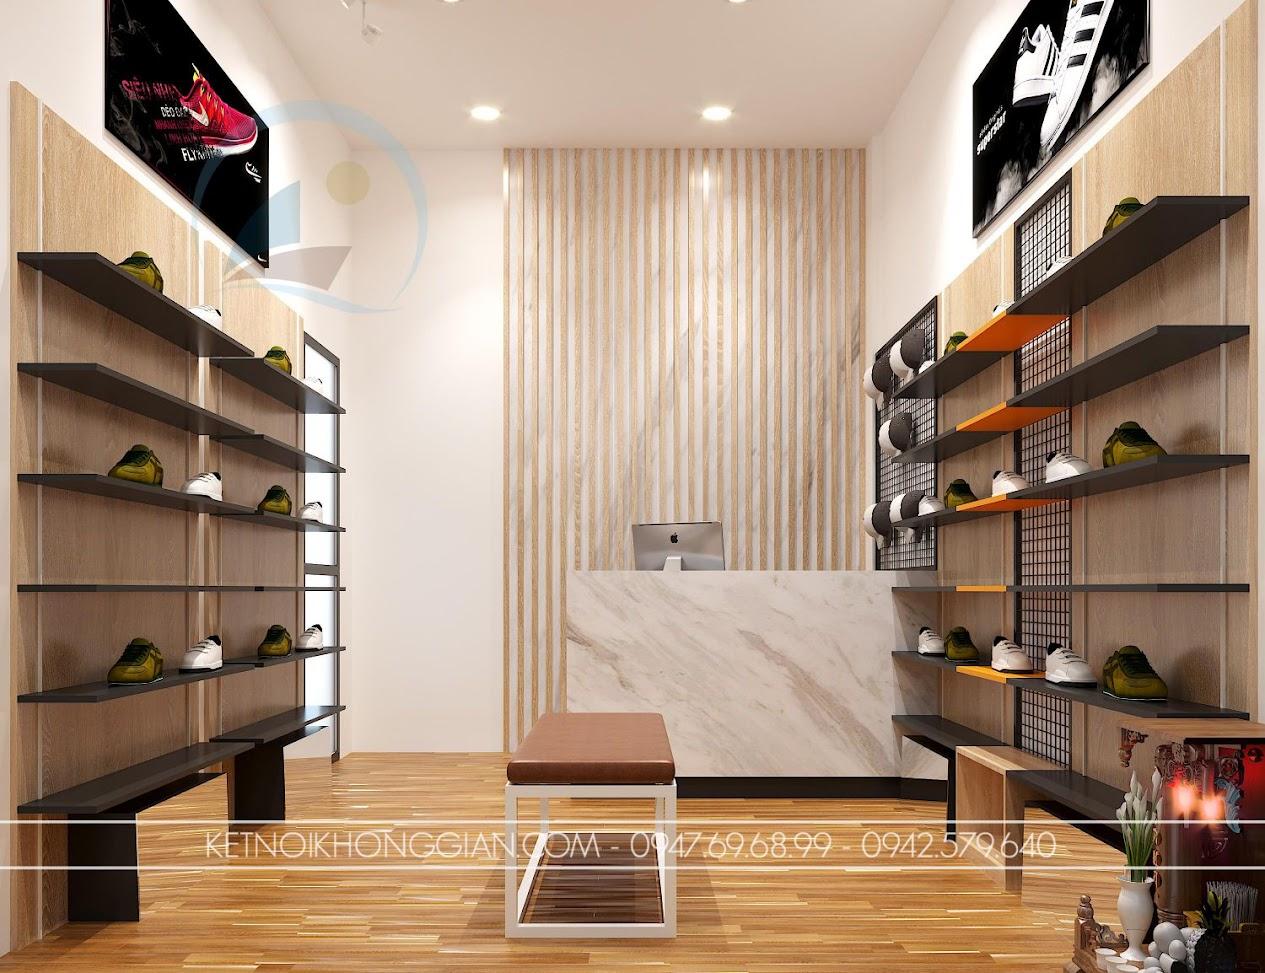 thiết kế shop giày dép nhỏ 16m2 chuyên nghiệp